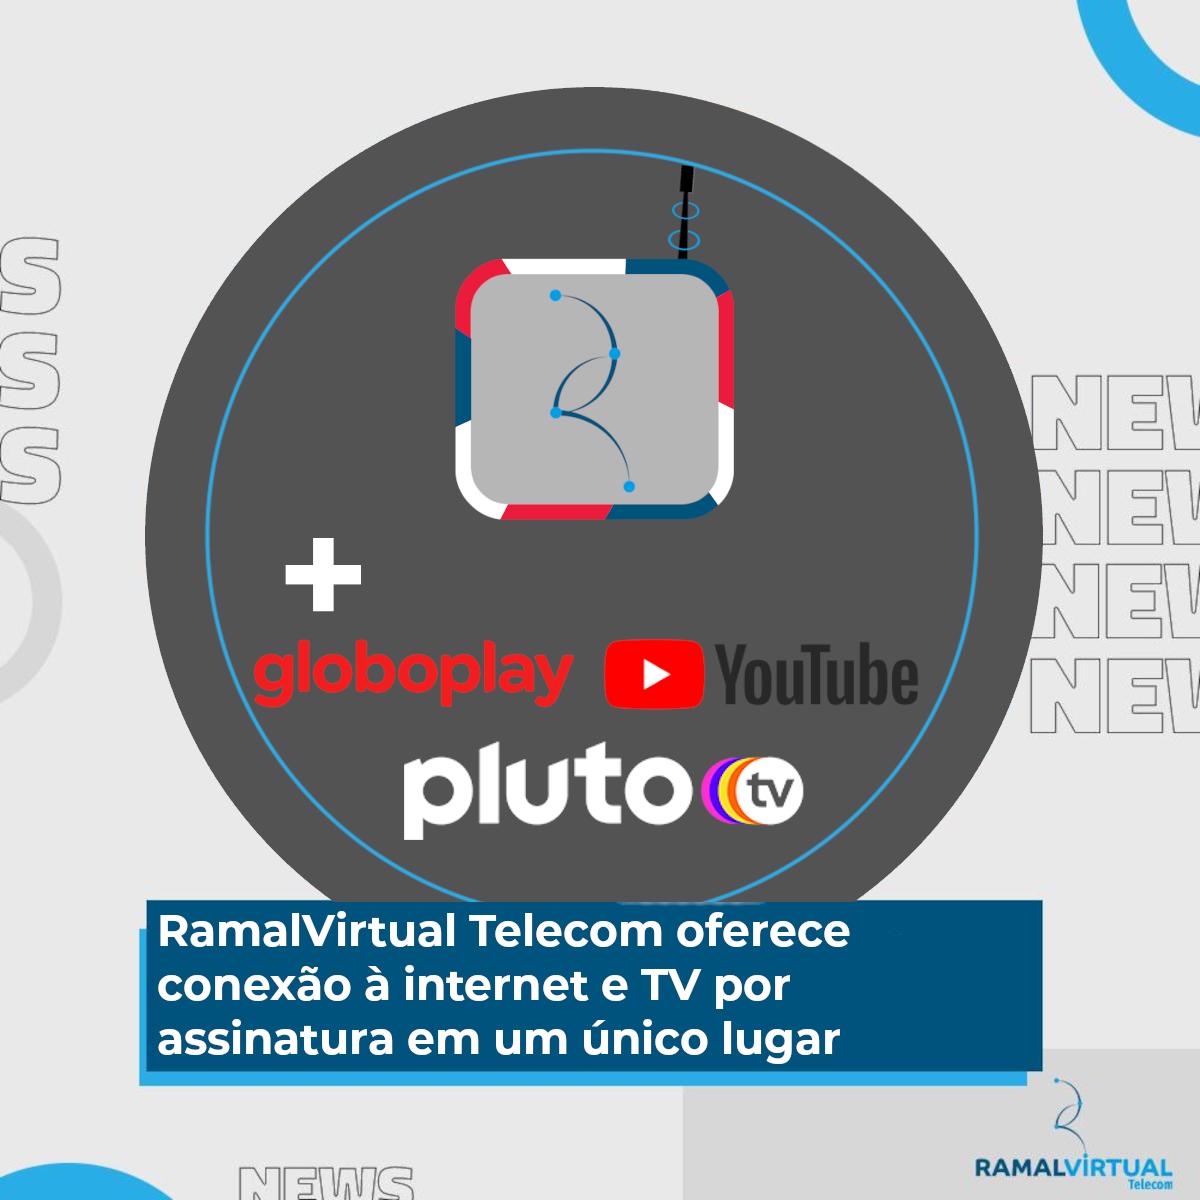 [RamalVirtual Telecom oferece conexão à internet e TV por assinatura em um único lugar]